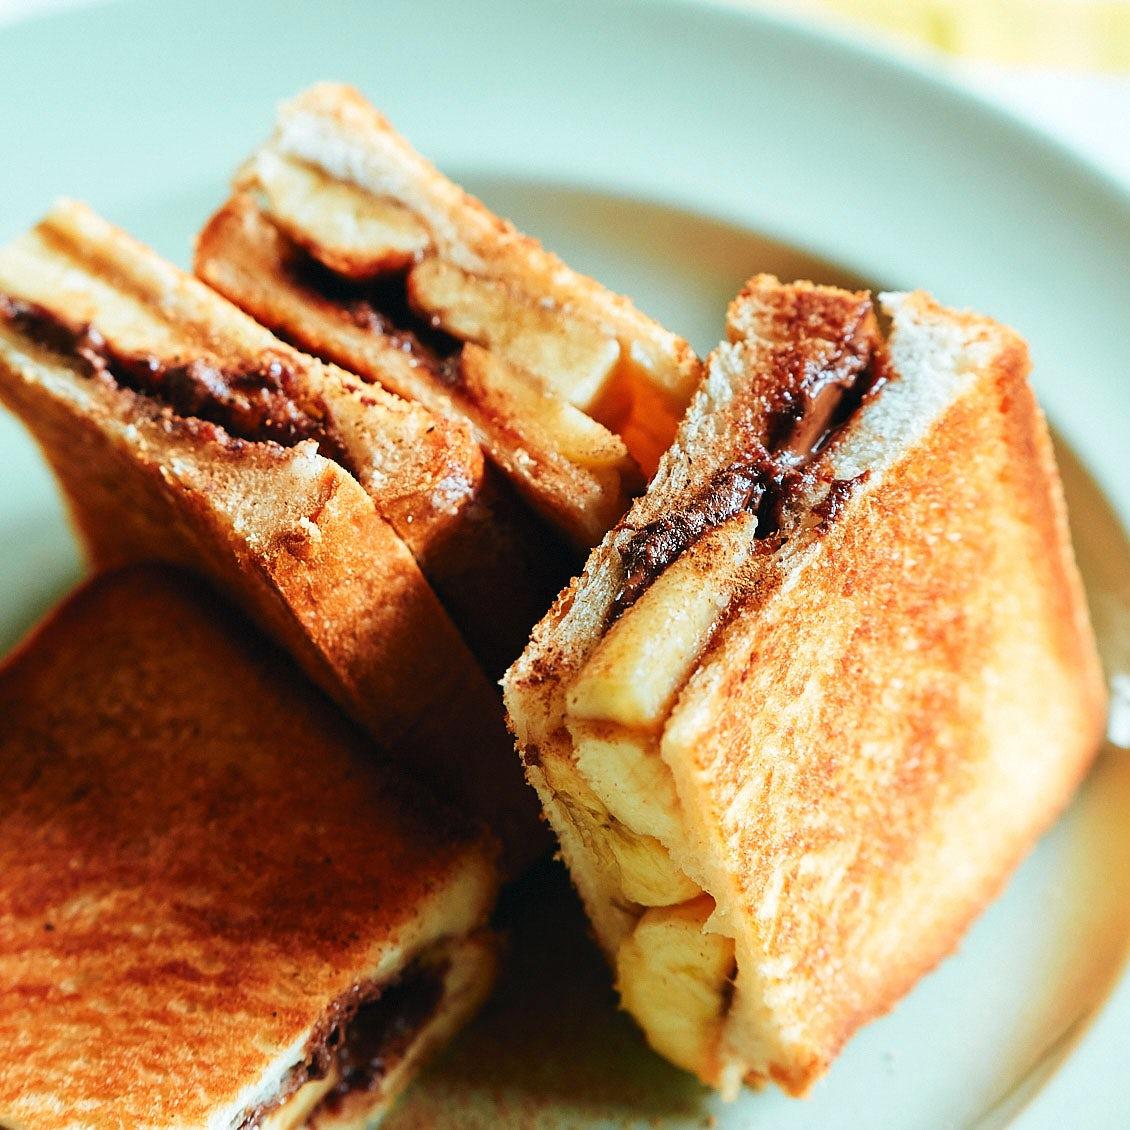 【春はサンドイッチ】第4話:表面サクッ、中とろり。フライパンで作る、バナナとチョコレートのホットサンド